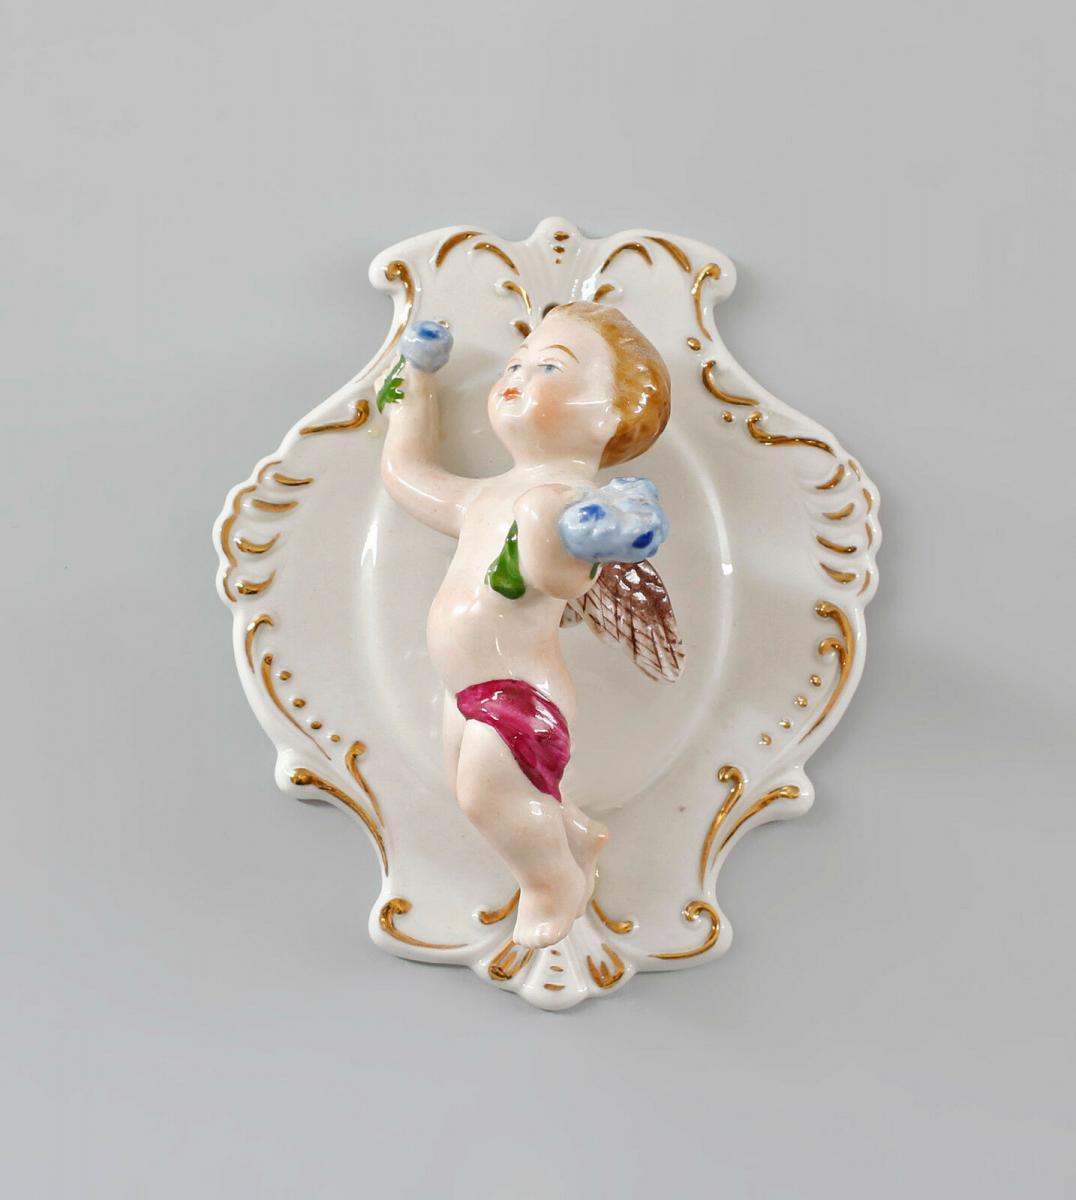 9997330 Porzellan Figur Engel Wanddekoration Ernst Bohne 9x11x5cm 0